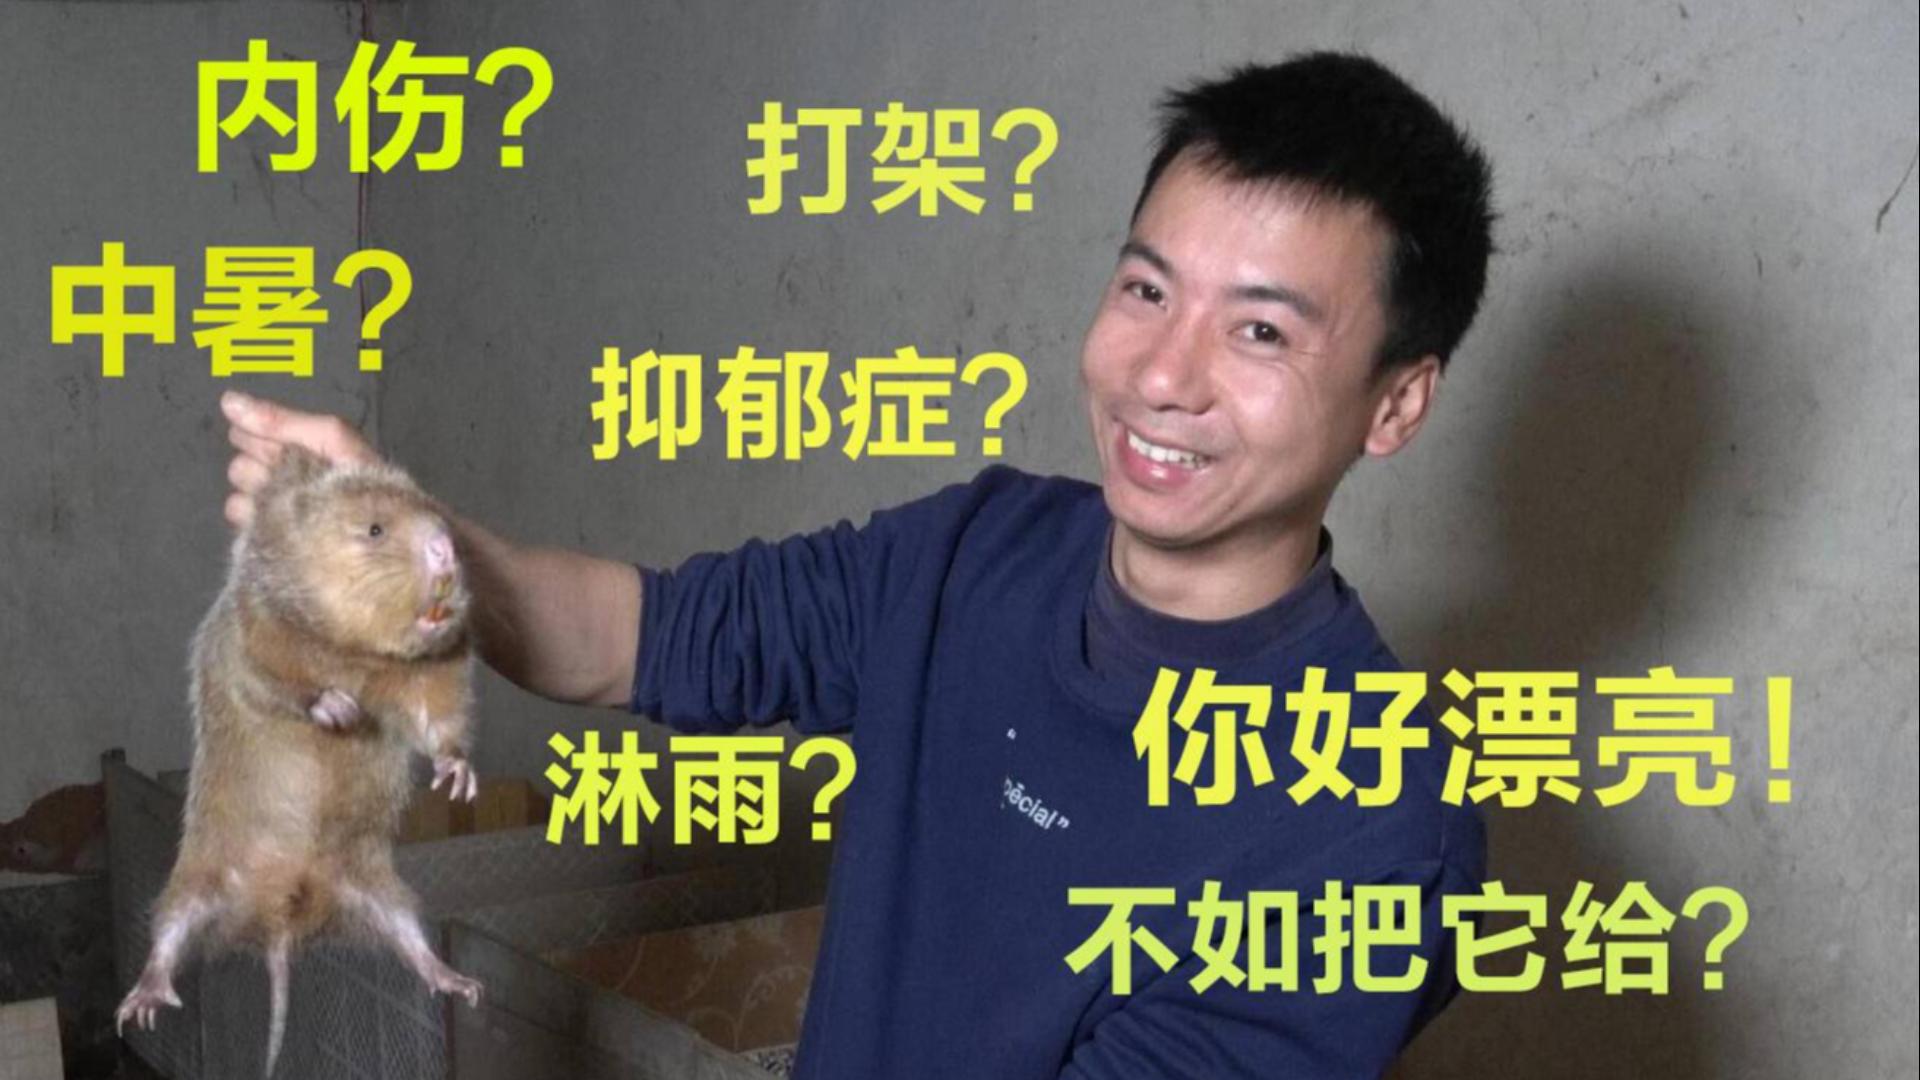 华农兄弟:吃100只竹鼠,涨500万粉丝!这也行?